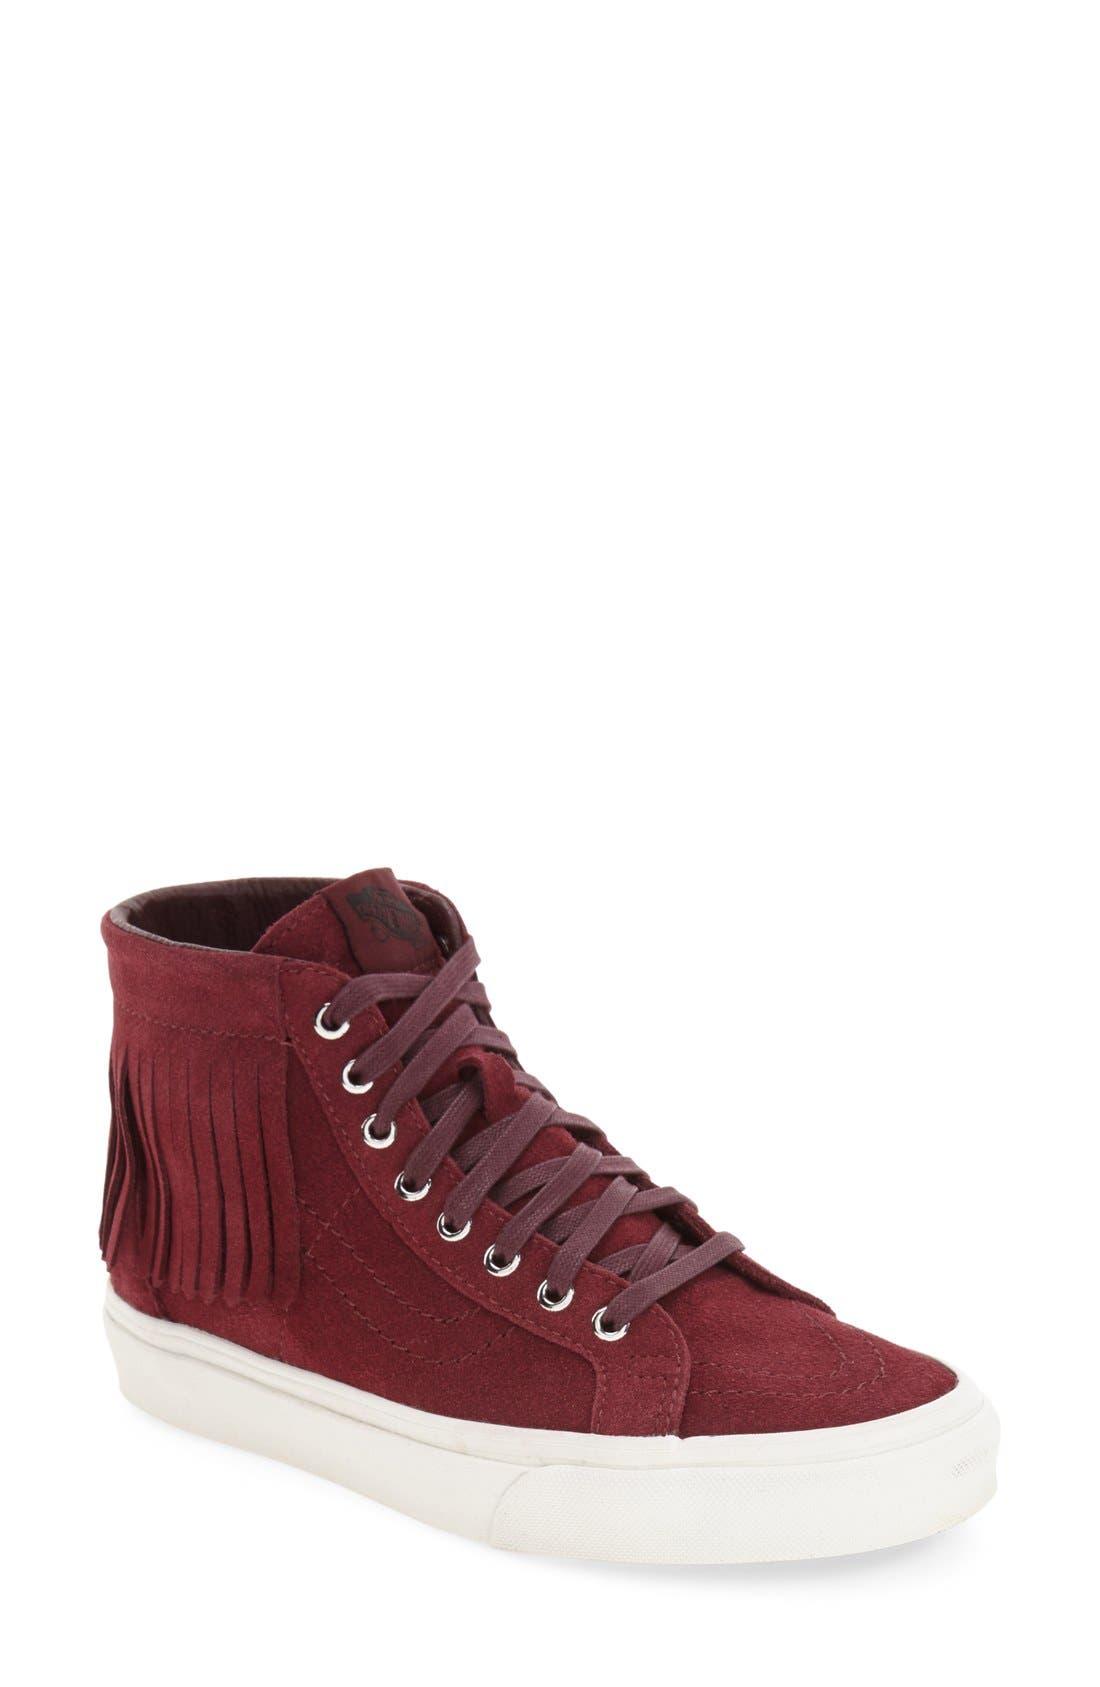 Alternate Image 1 Selected - Vans 'Sk8-Hi' Moc Sneaker (Women)